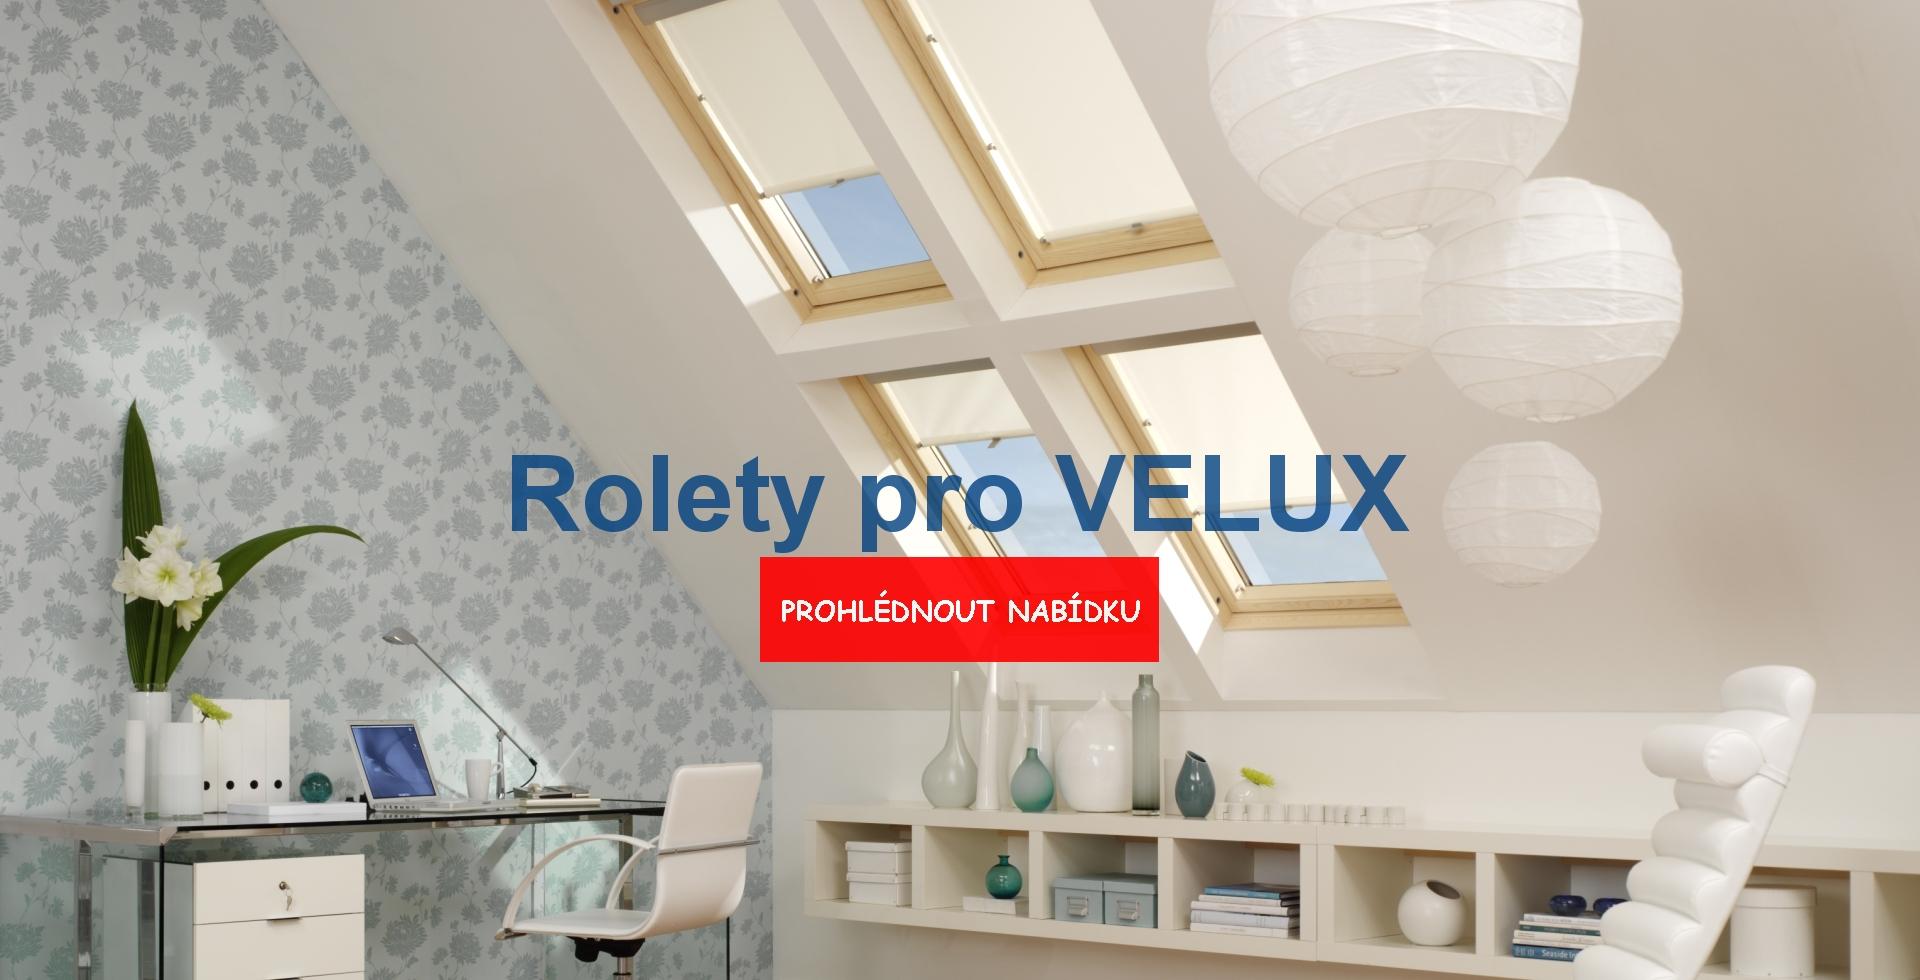 Rolety pro střešní okna Velux